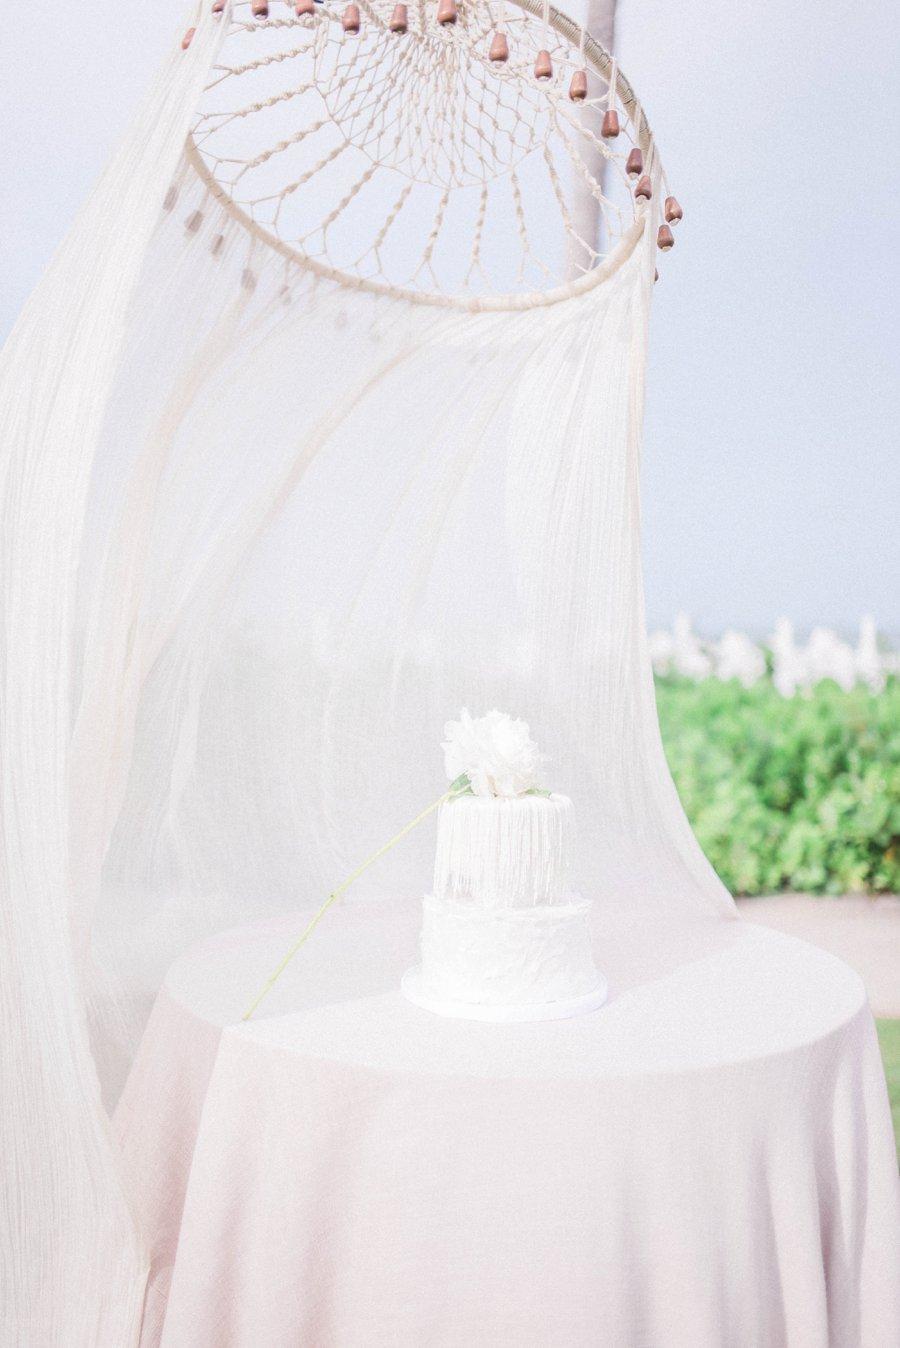 Blush & Peach Florida Destination Wedding Ideas via TheELD.com